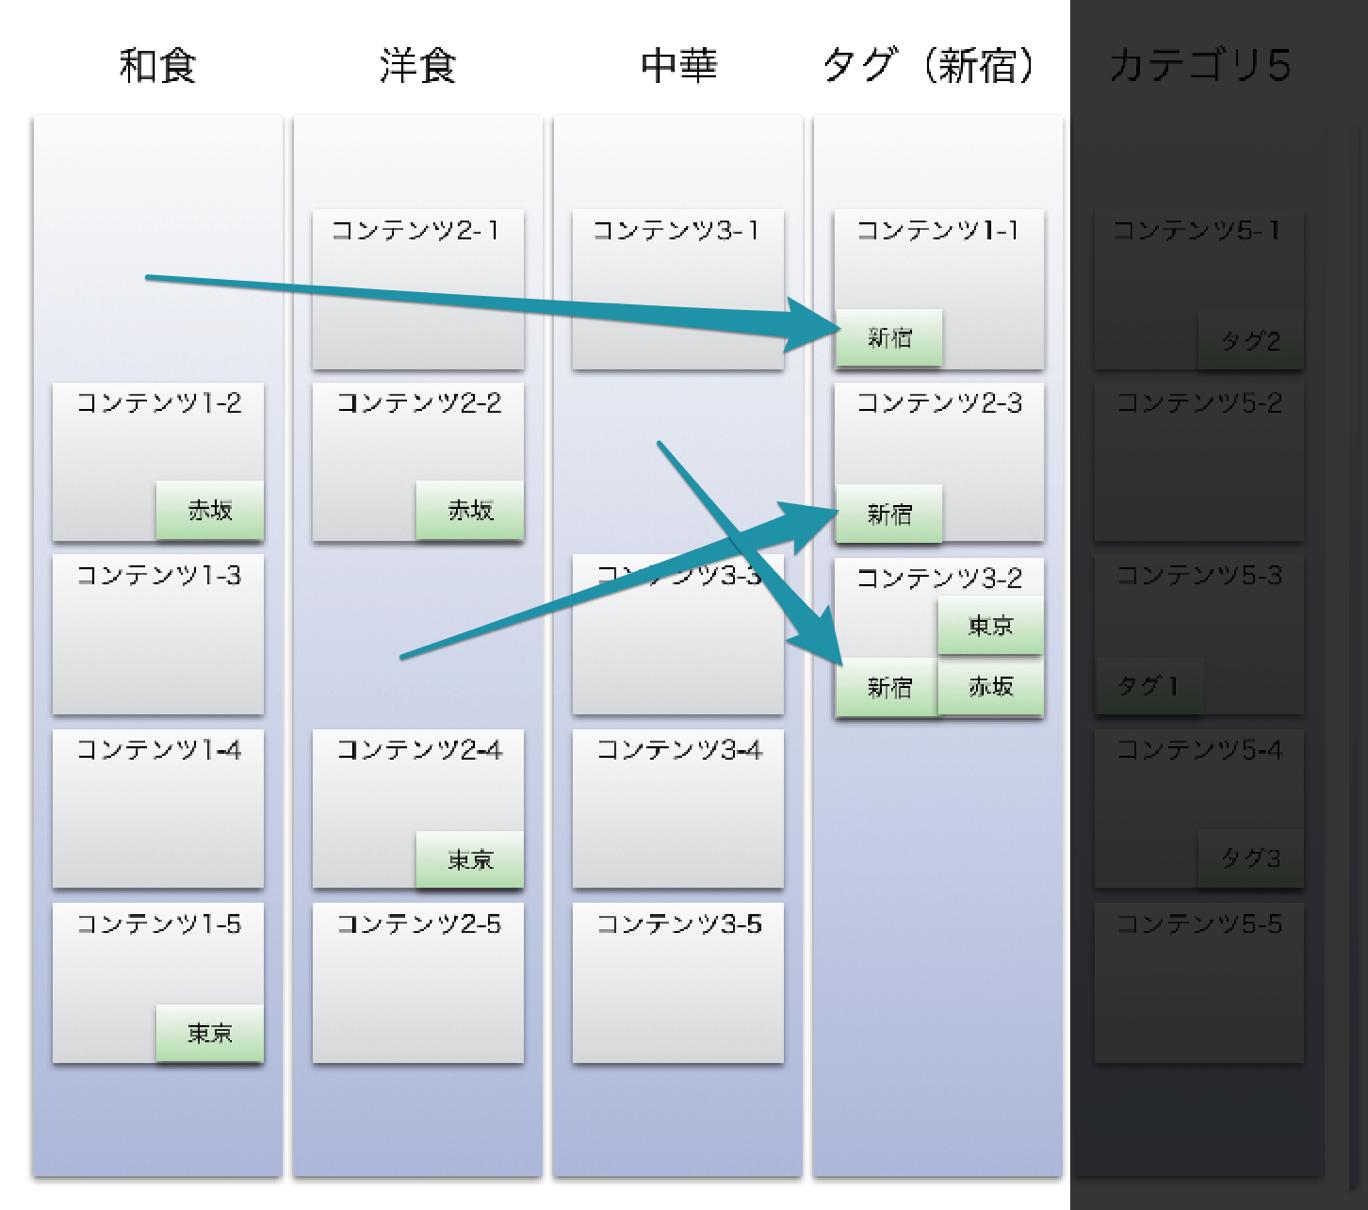 グループ化したタグの概念図